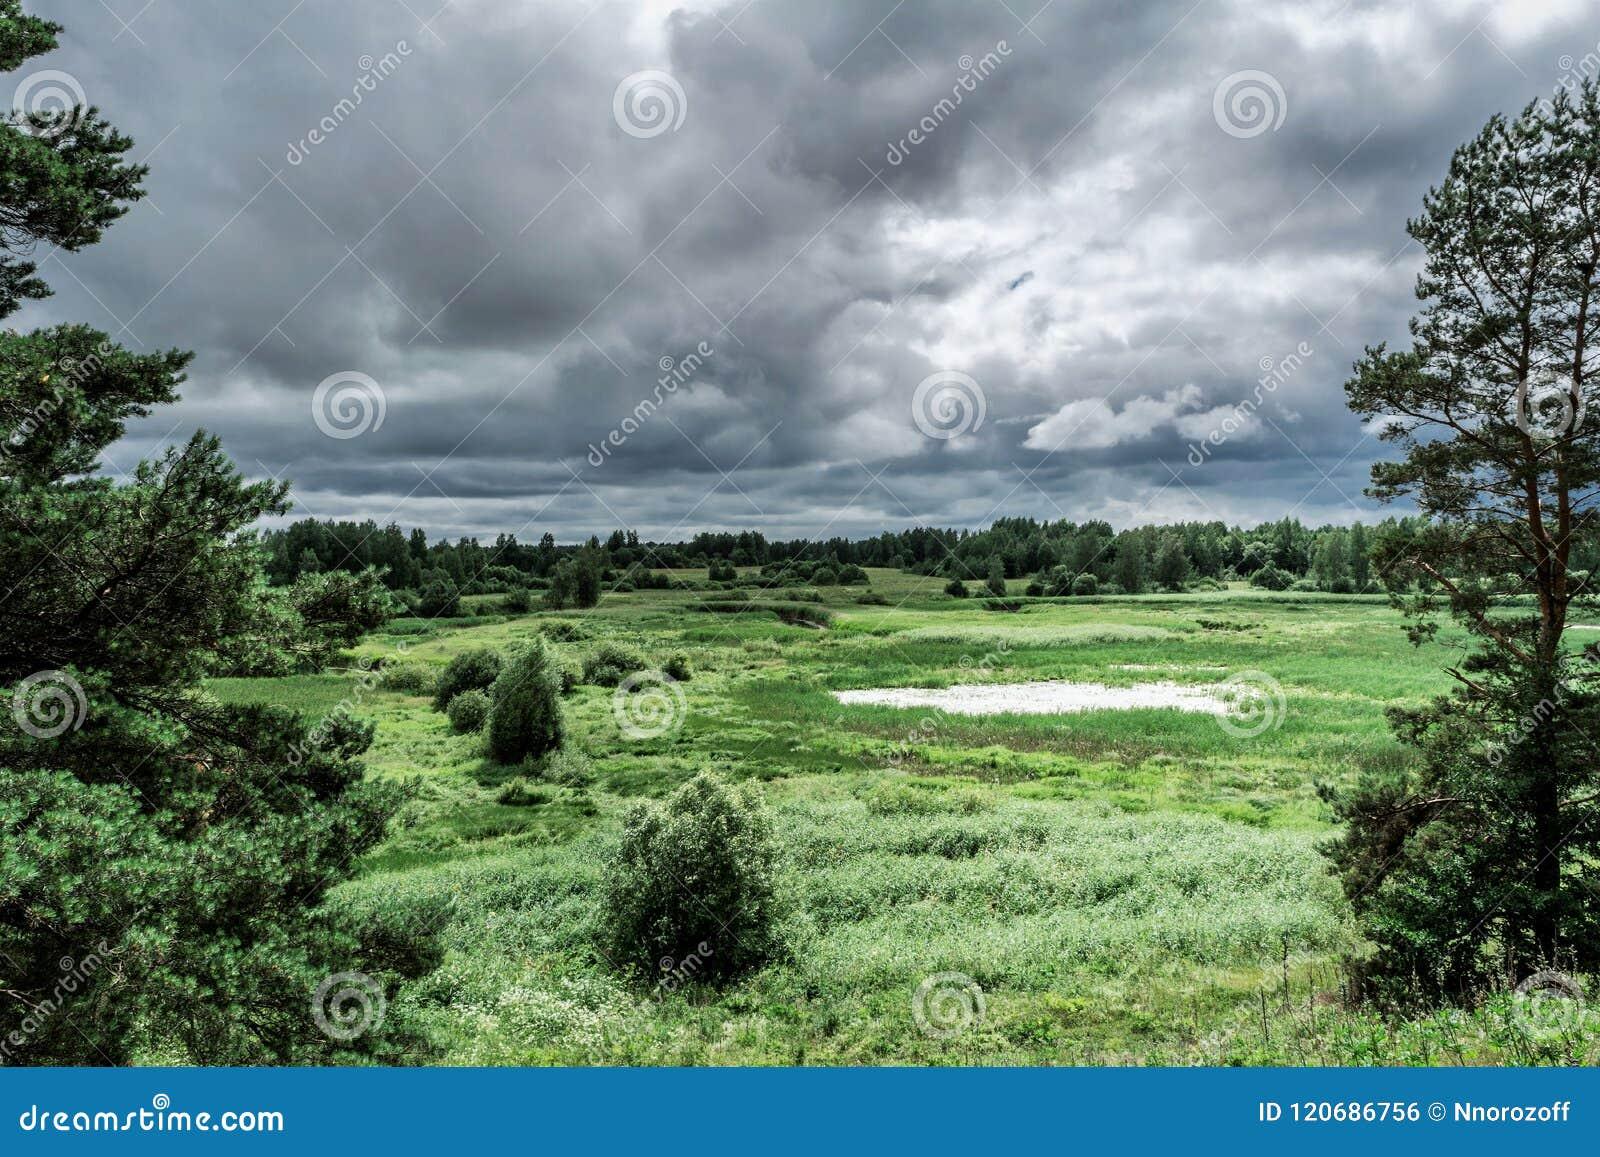 Grön dal med ett naturligt damm, buskar och träd, regnhimmel, tråkig blåsig dag för sommar